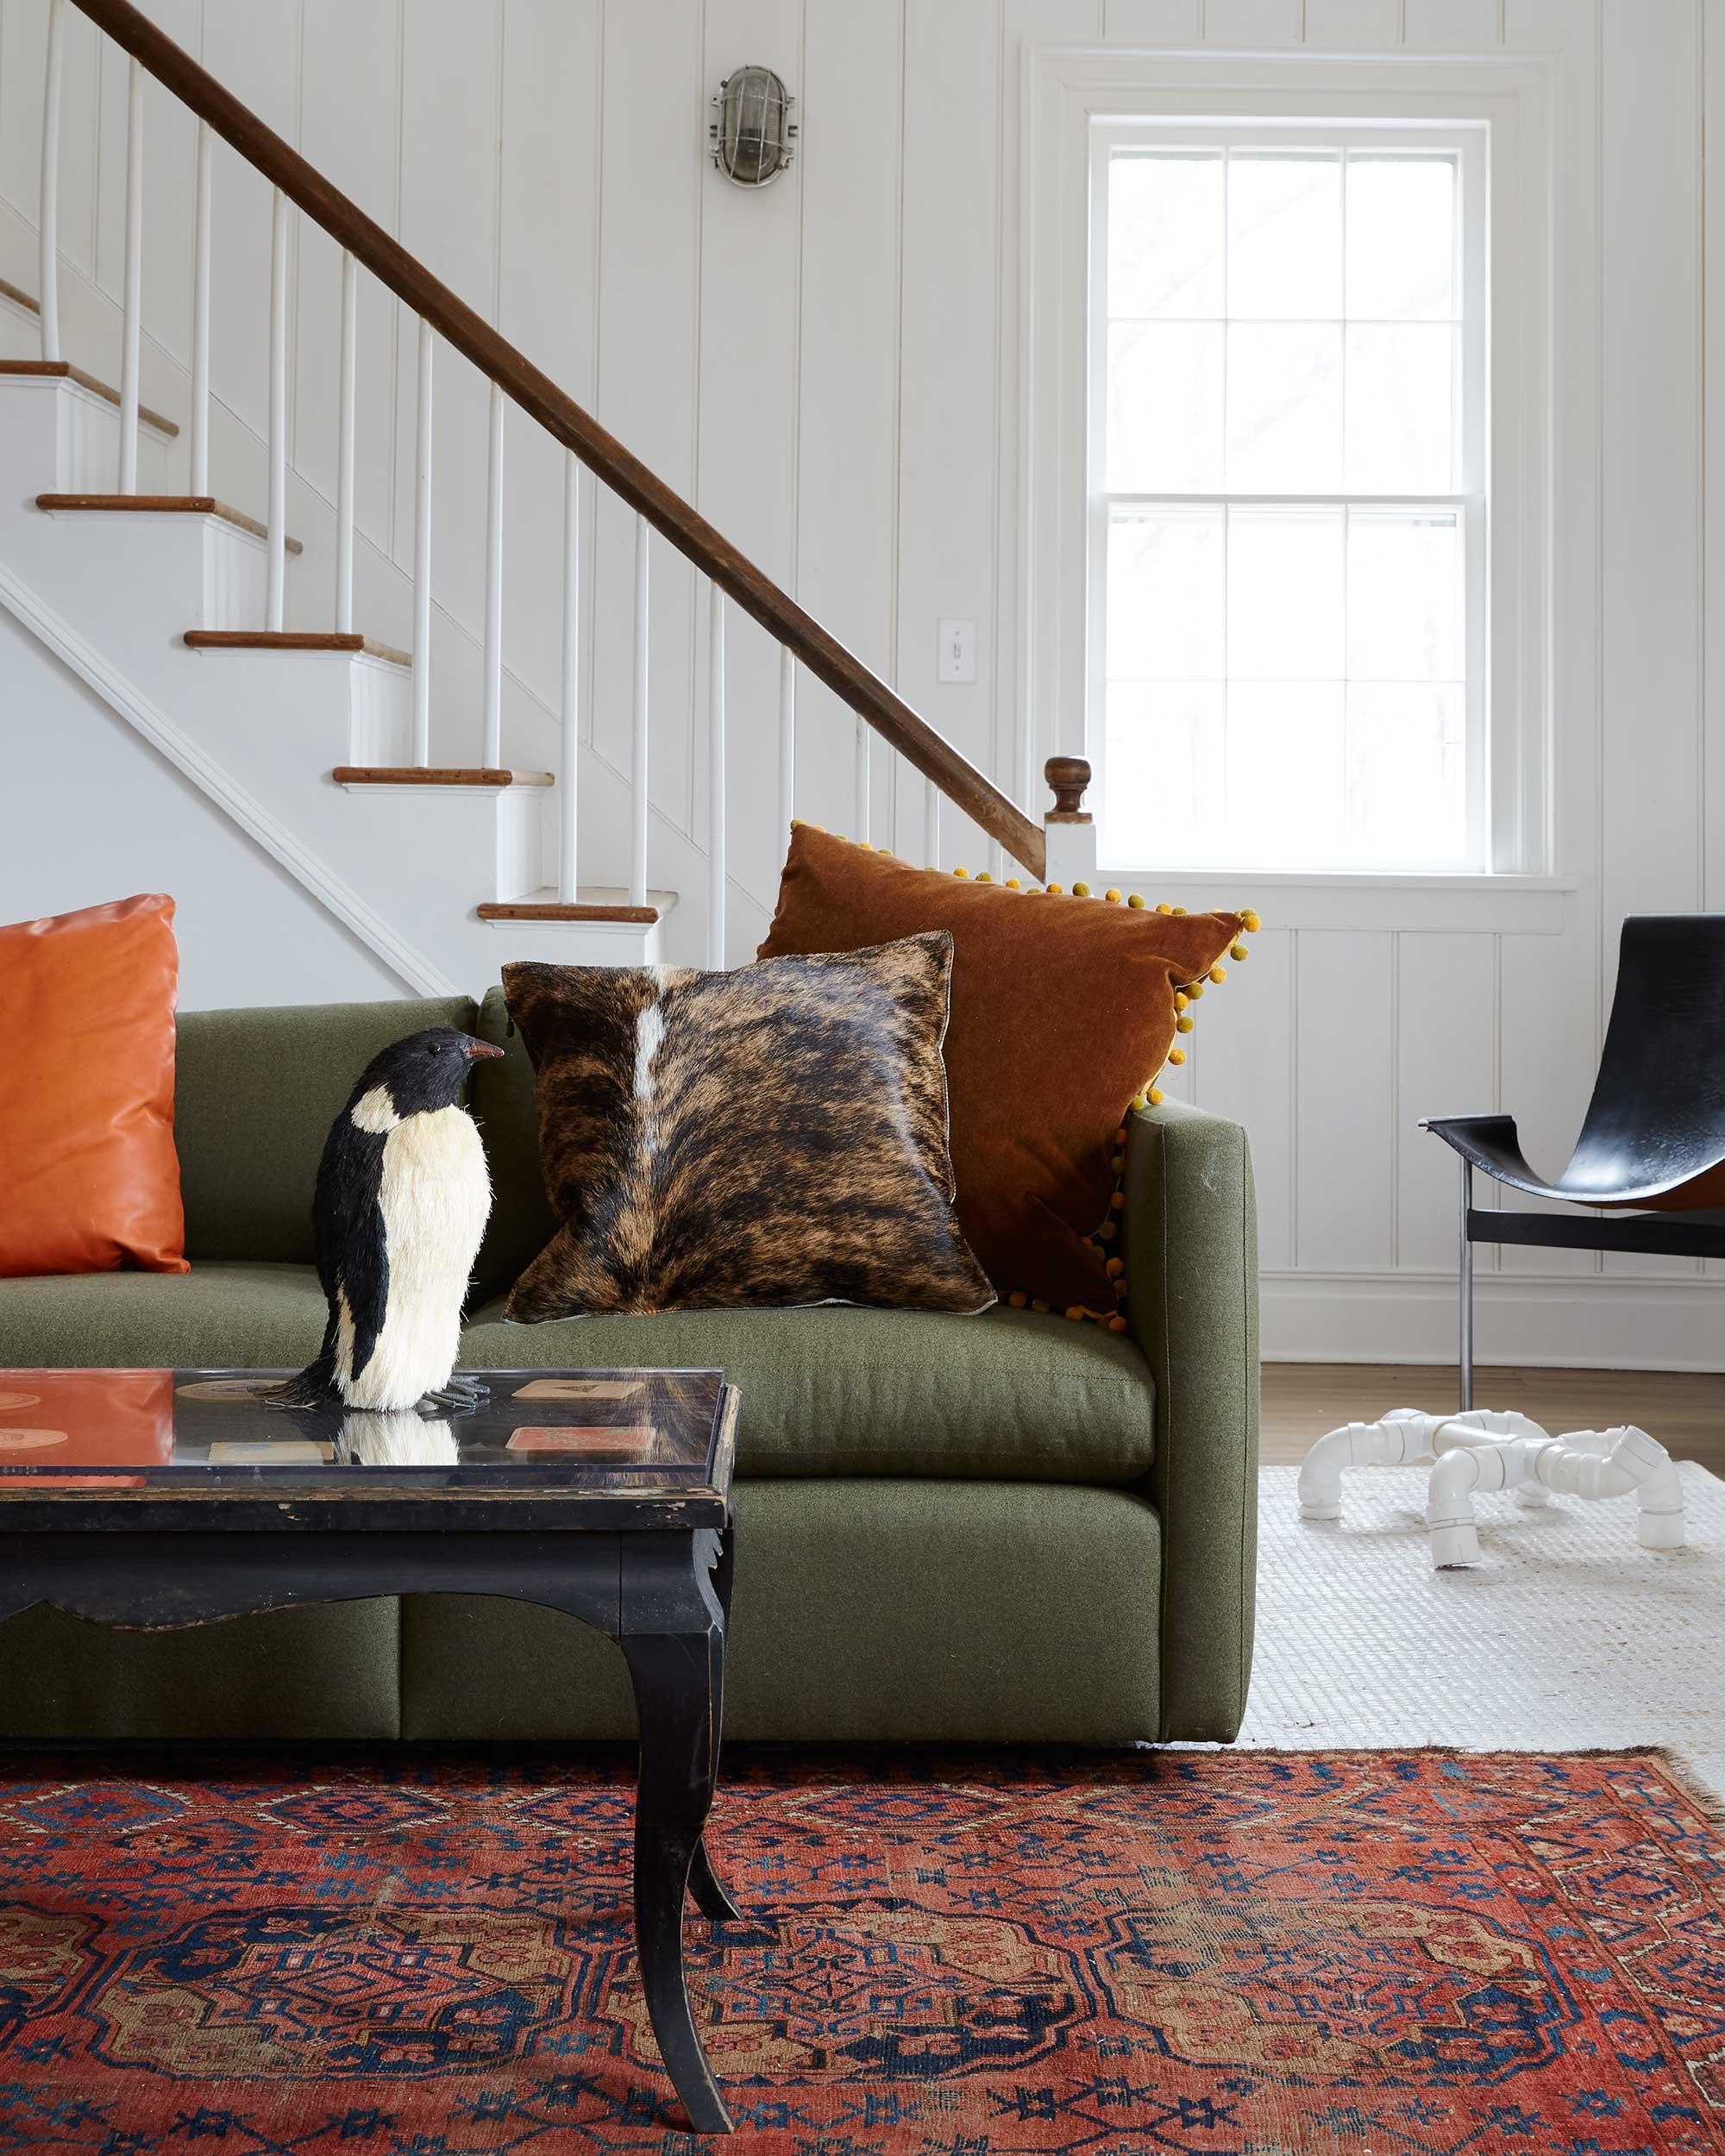 Living_Room_Penguin_Mohair_Sofa_Leather_Pillows.jpg